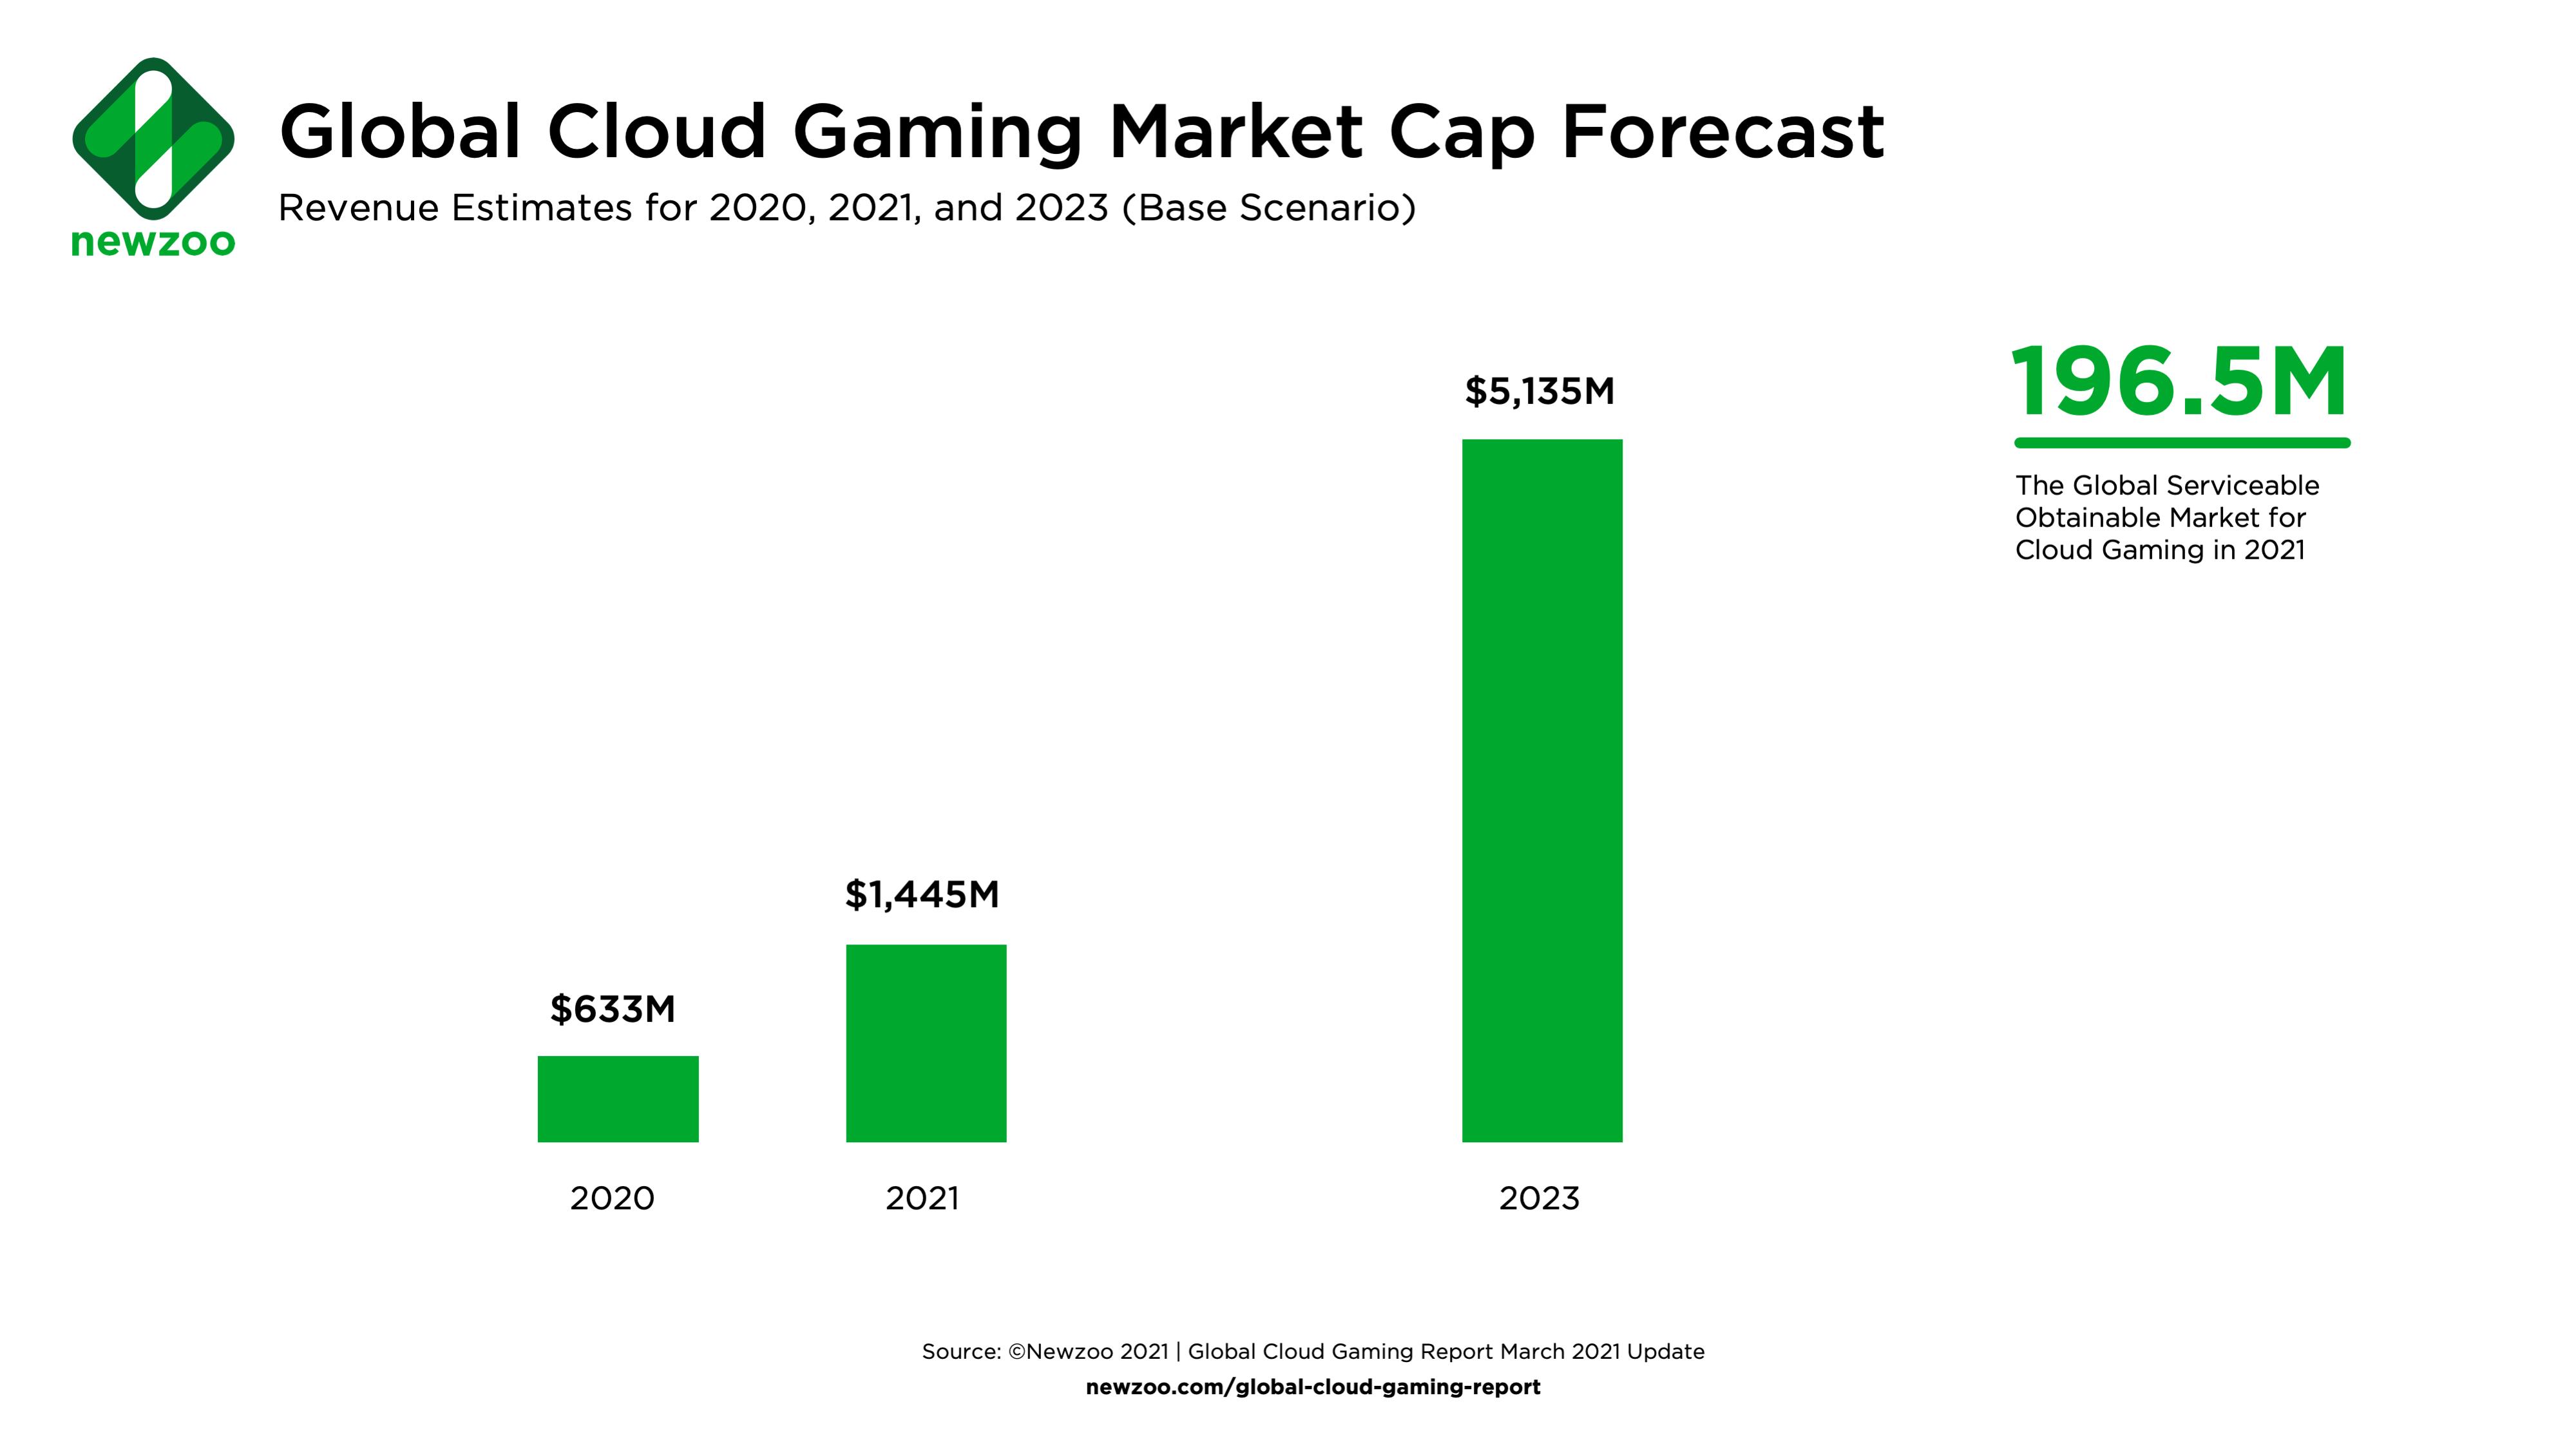 Аналитики: Облачный гейминг принесет 1.4 миллиарда долларов в 2021 году